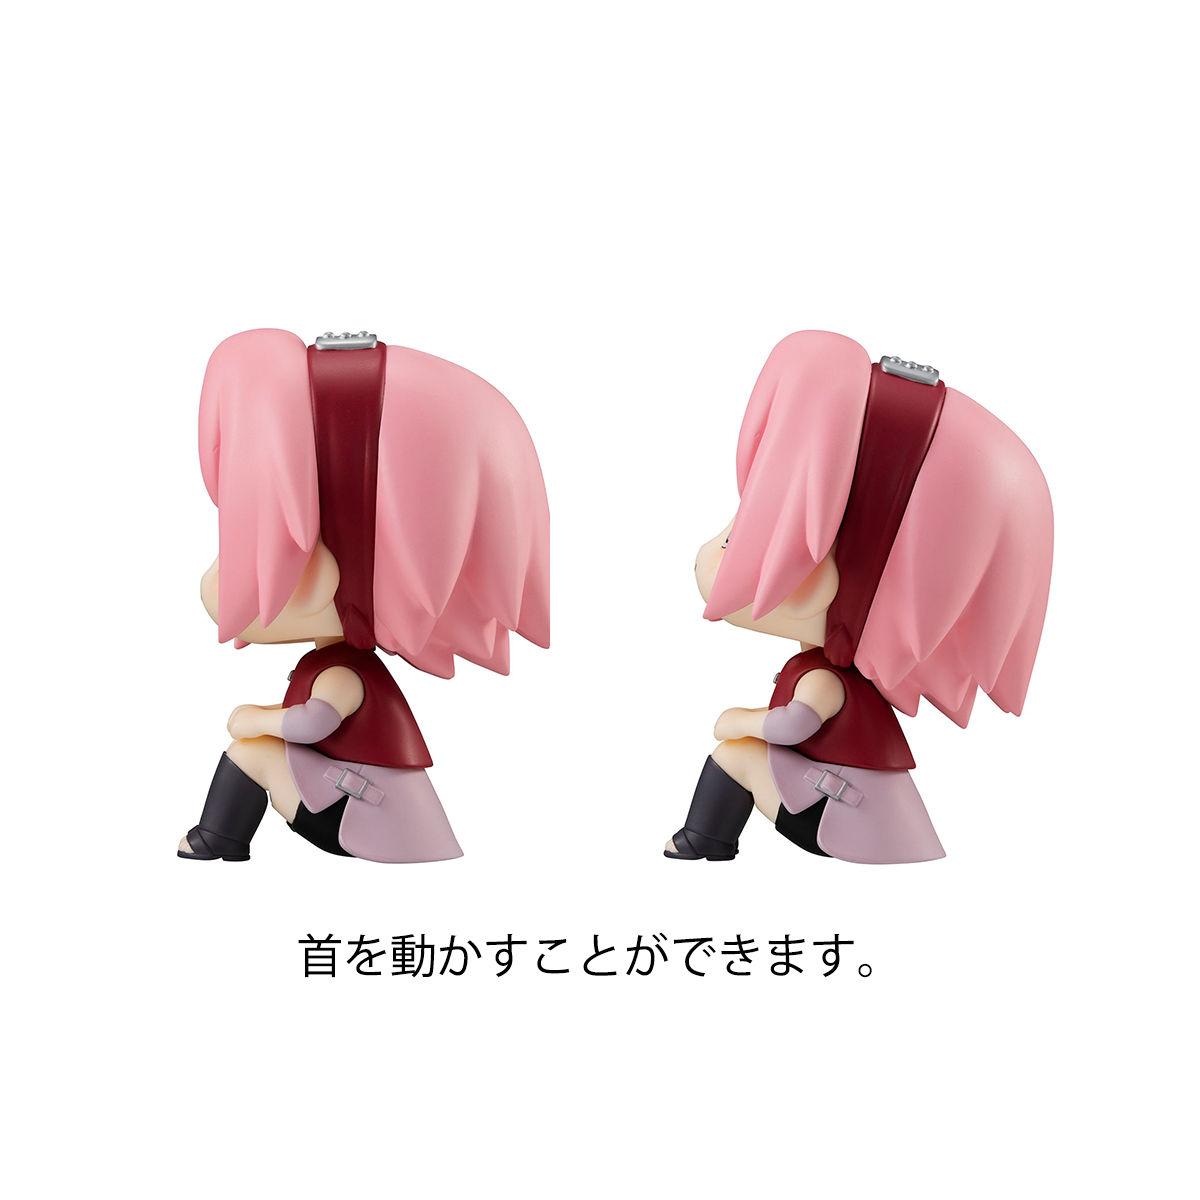 るかっぷ『春野サクラ』NARUTO -ナルト- 疾風伝 デフォルメ完成品フィギュア-006